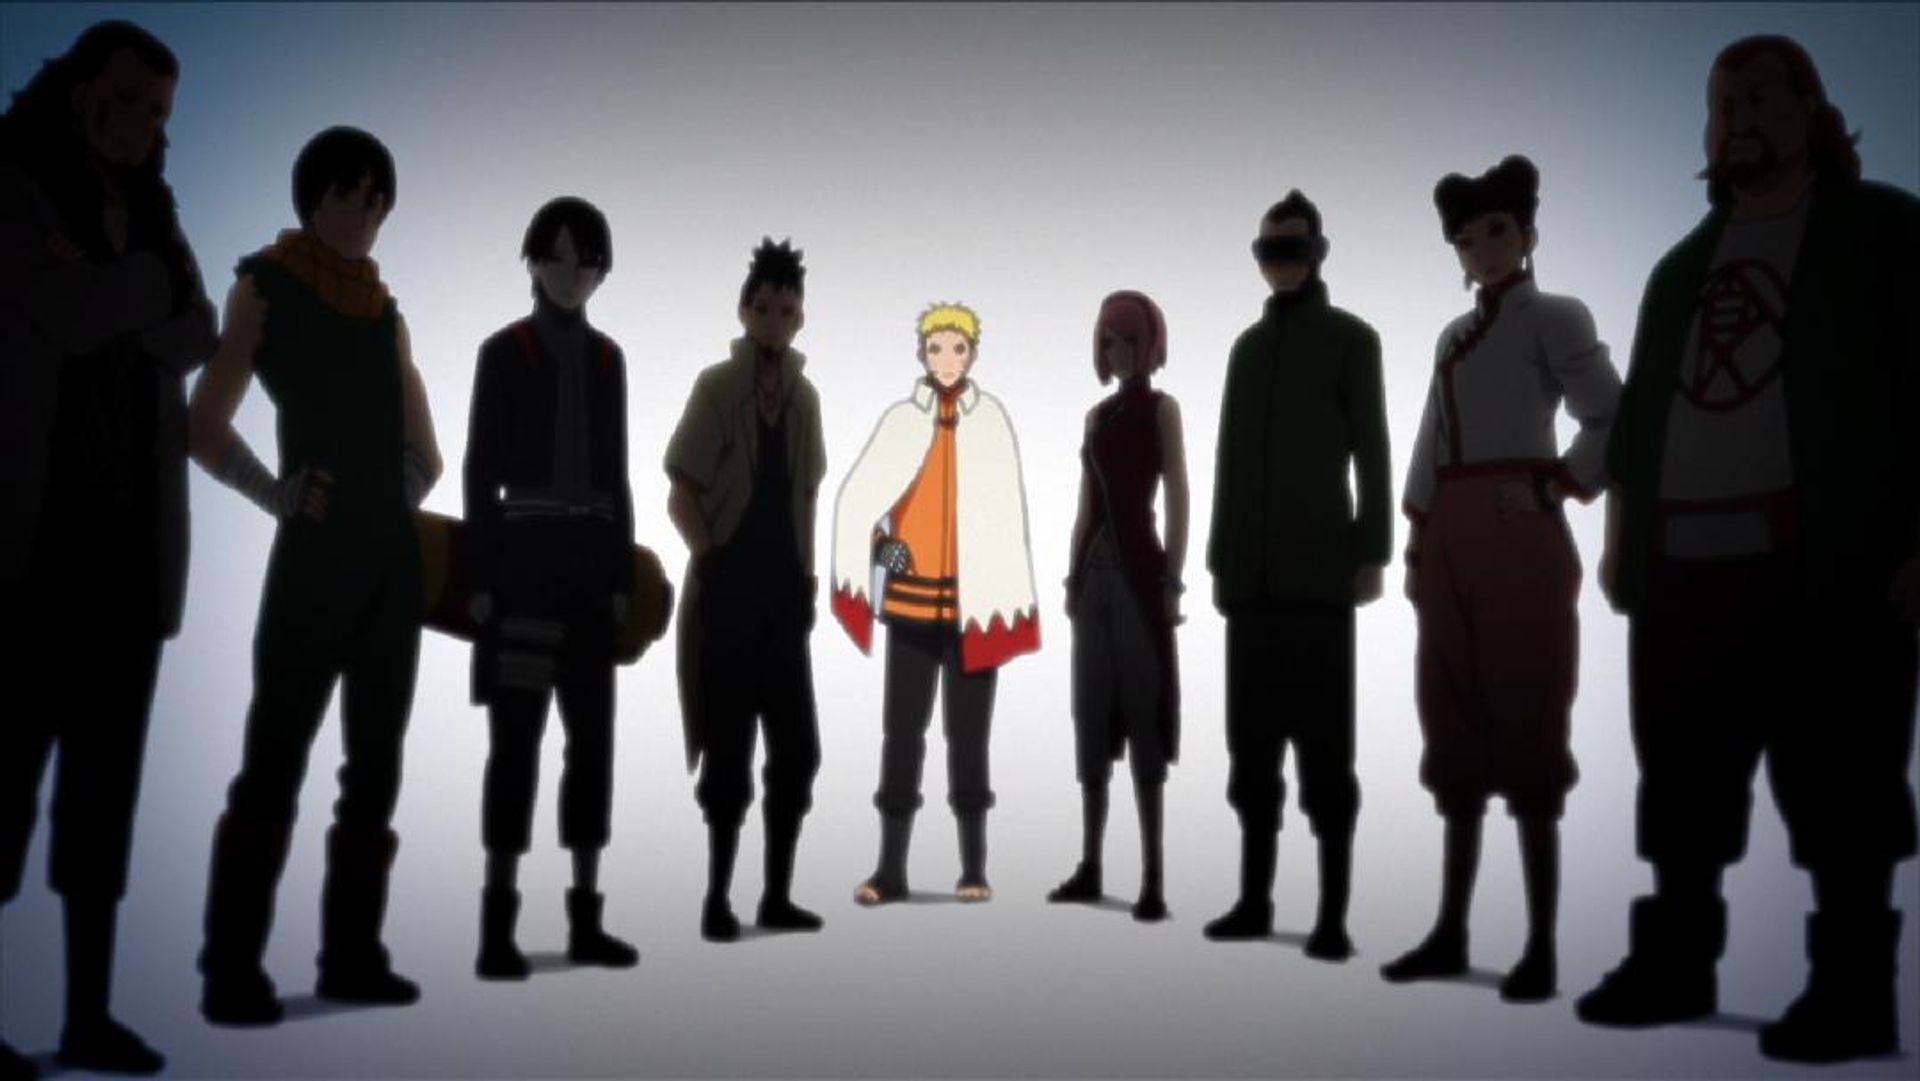 Boruto: Naruto Next Generations - A Shinobi's Resolve